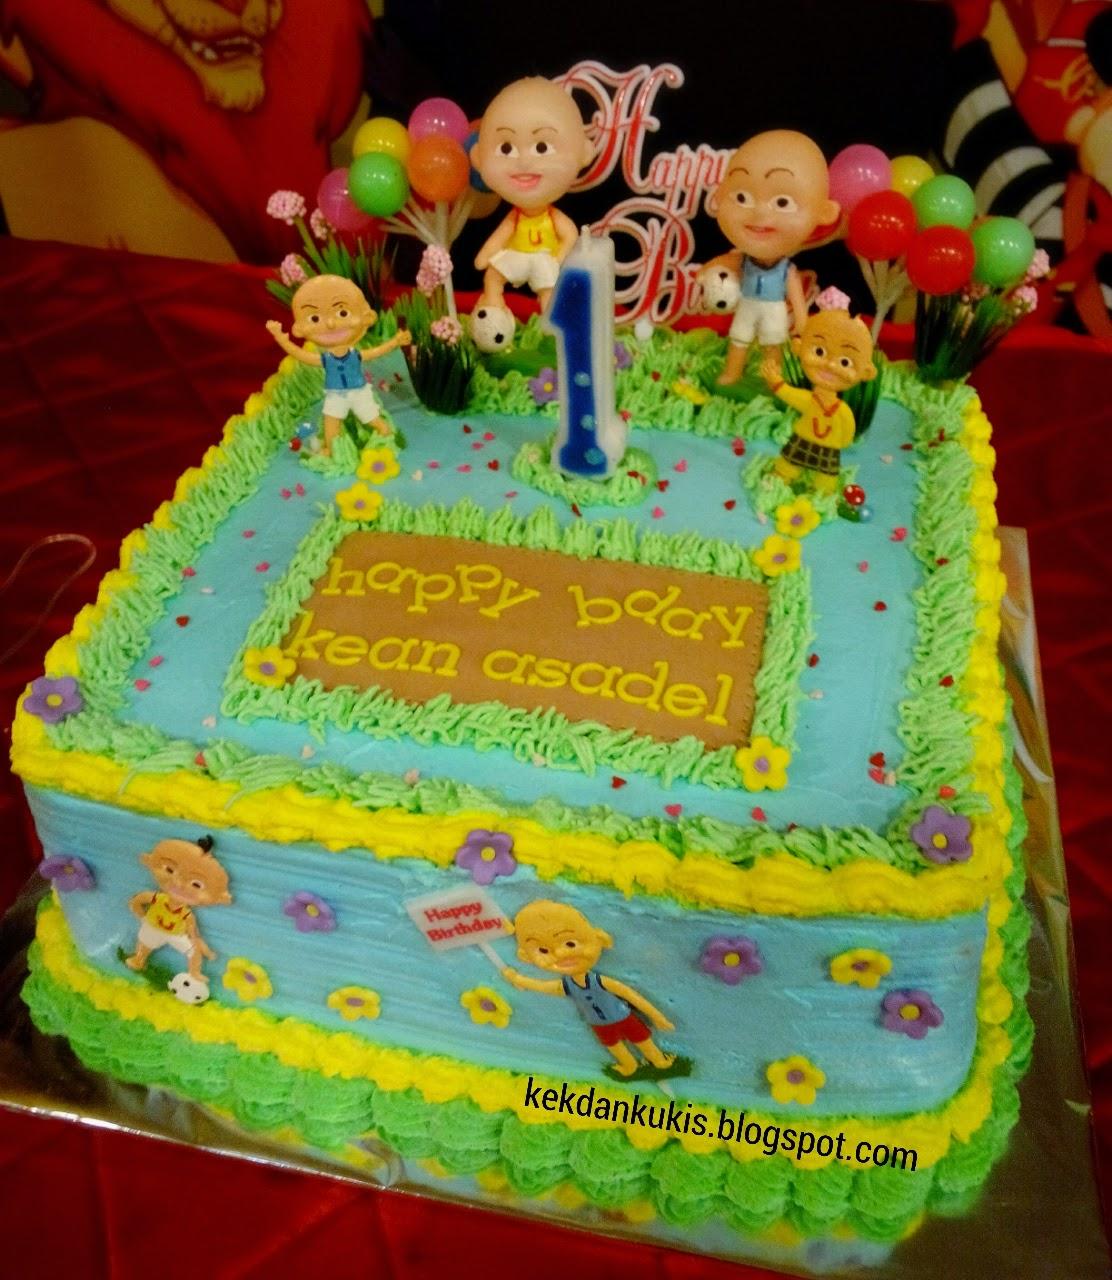 DAPUR CAKE DAN COOKIES: UPIN IPIN BIRTHDAY CAKE